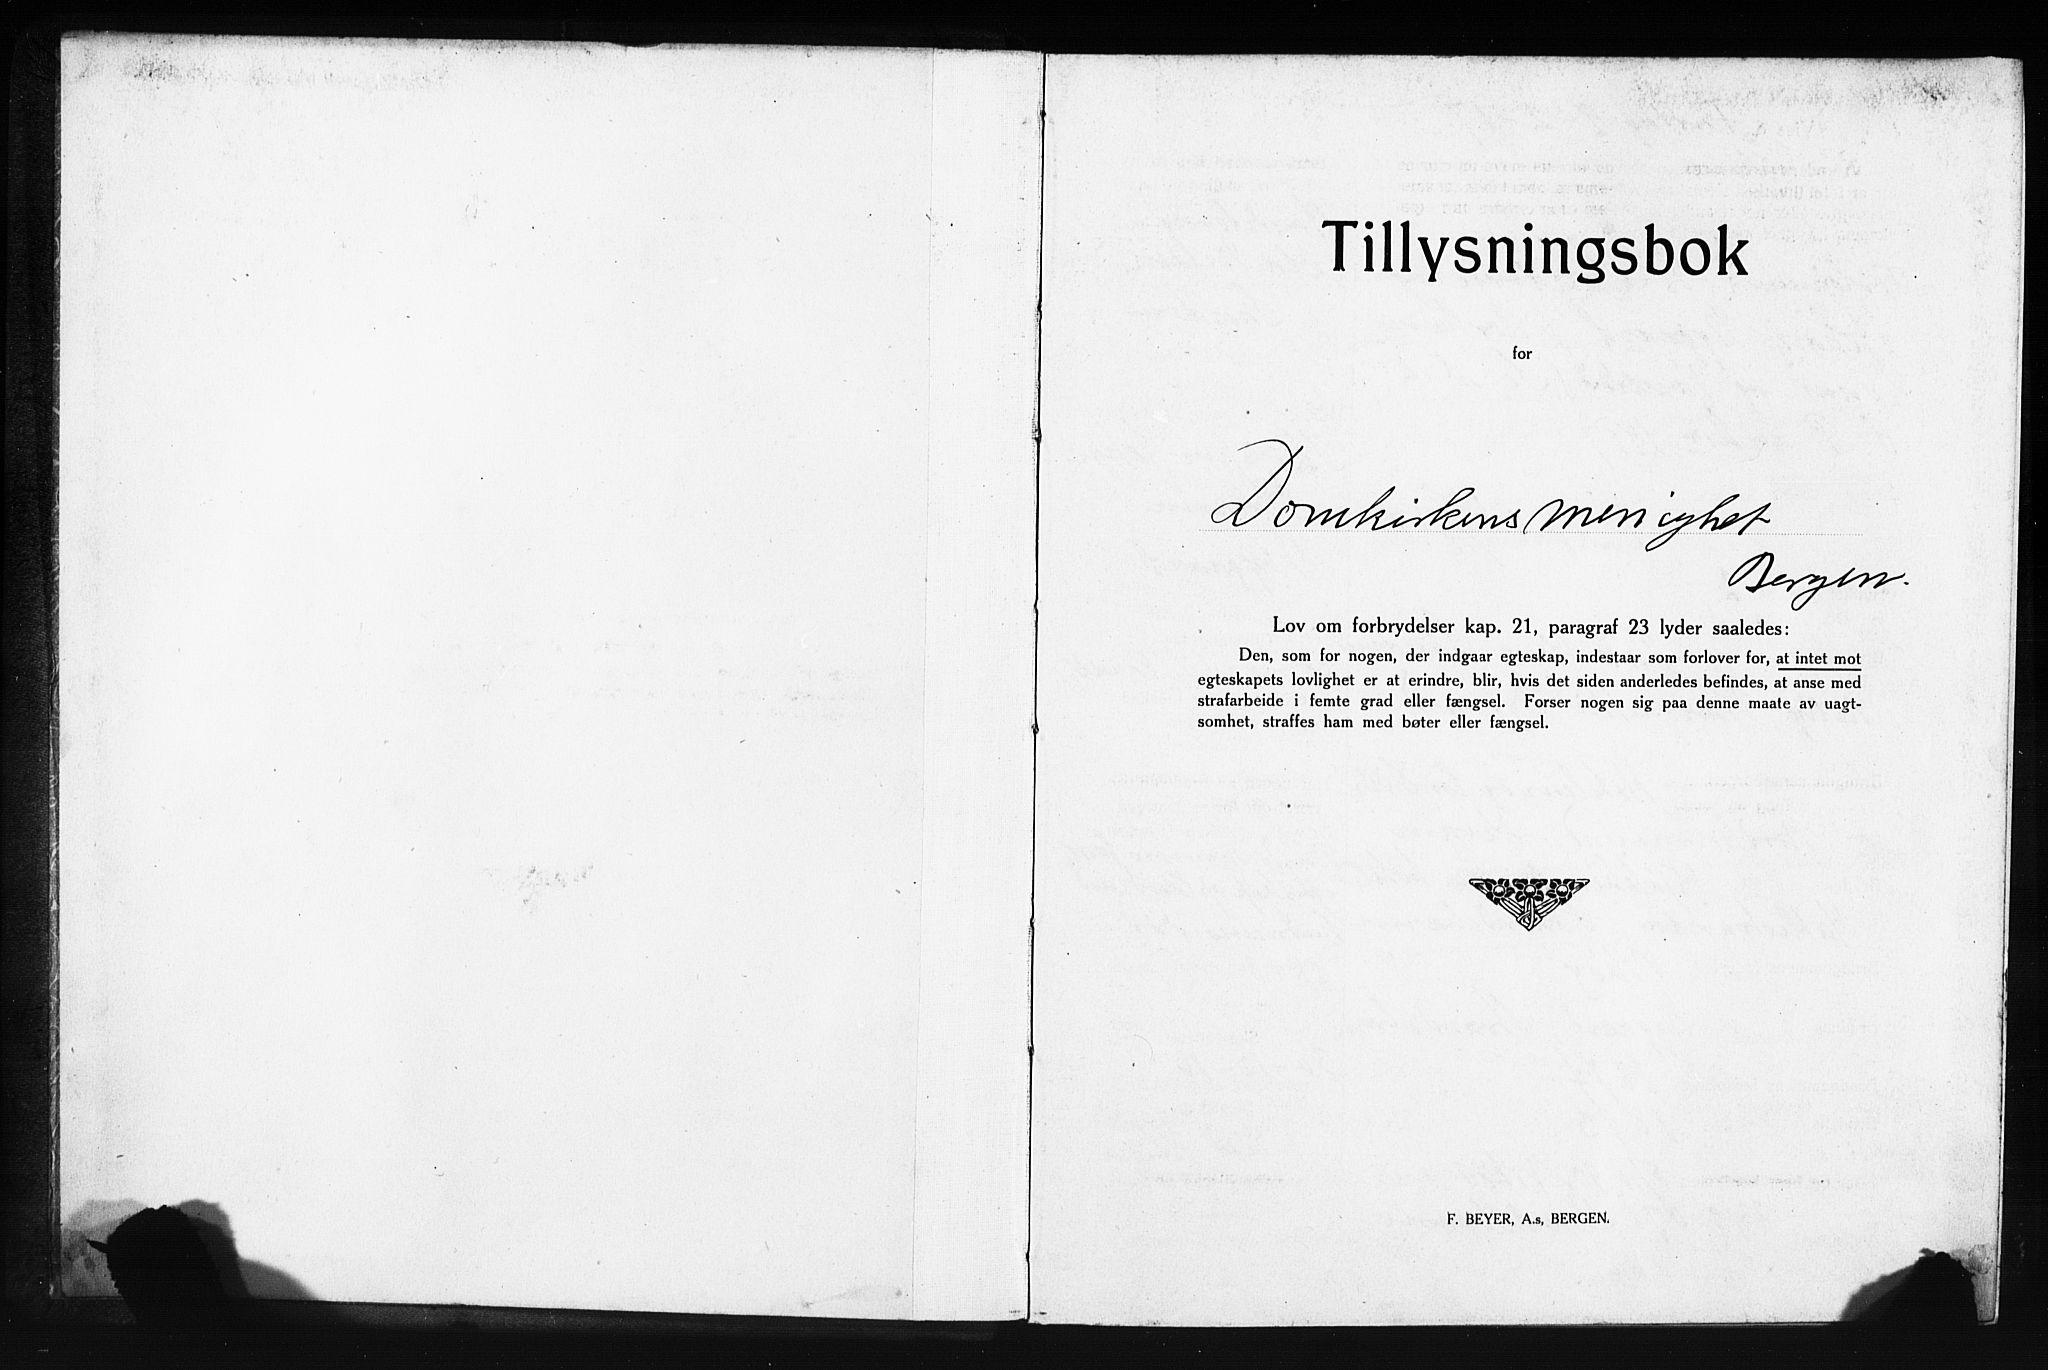 SAB, Domkirken Sokneprestembete, Forlovererklæringer nr. II.5.13, 1917-1922, s. 1